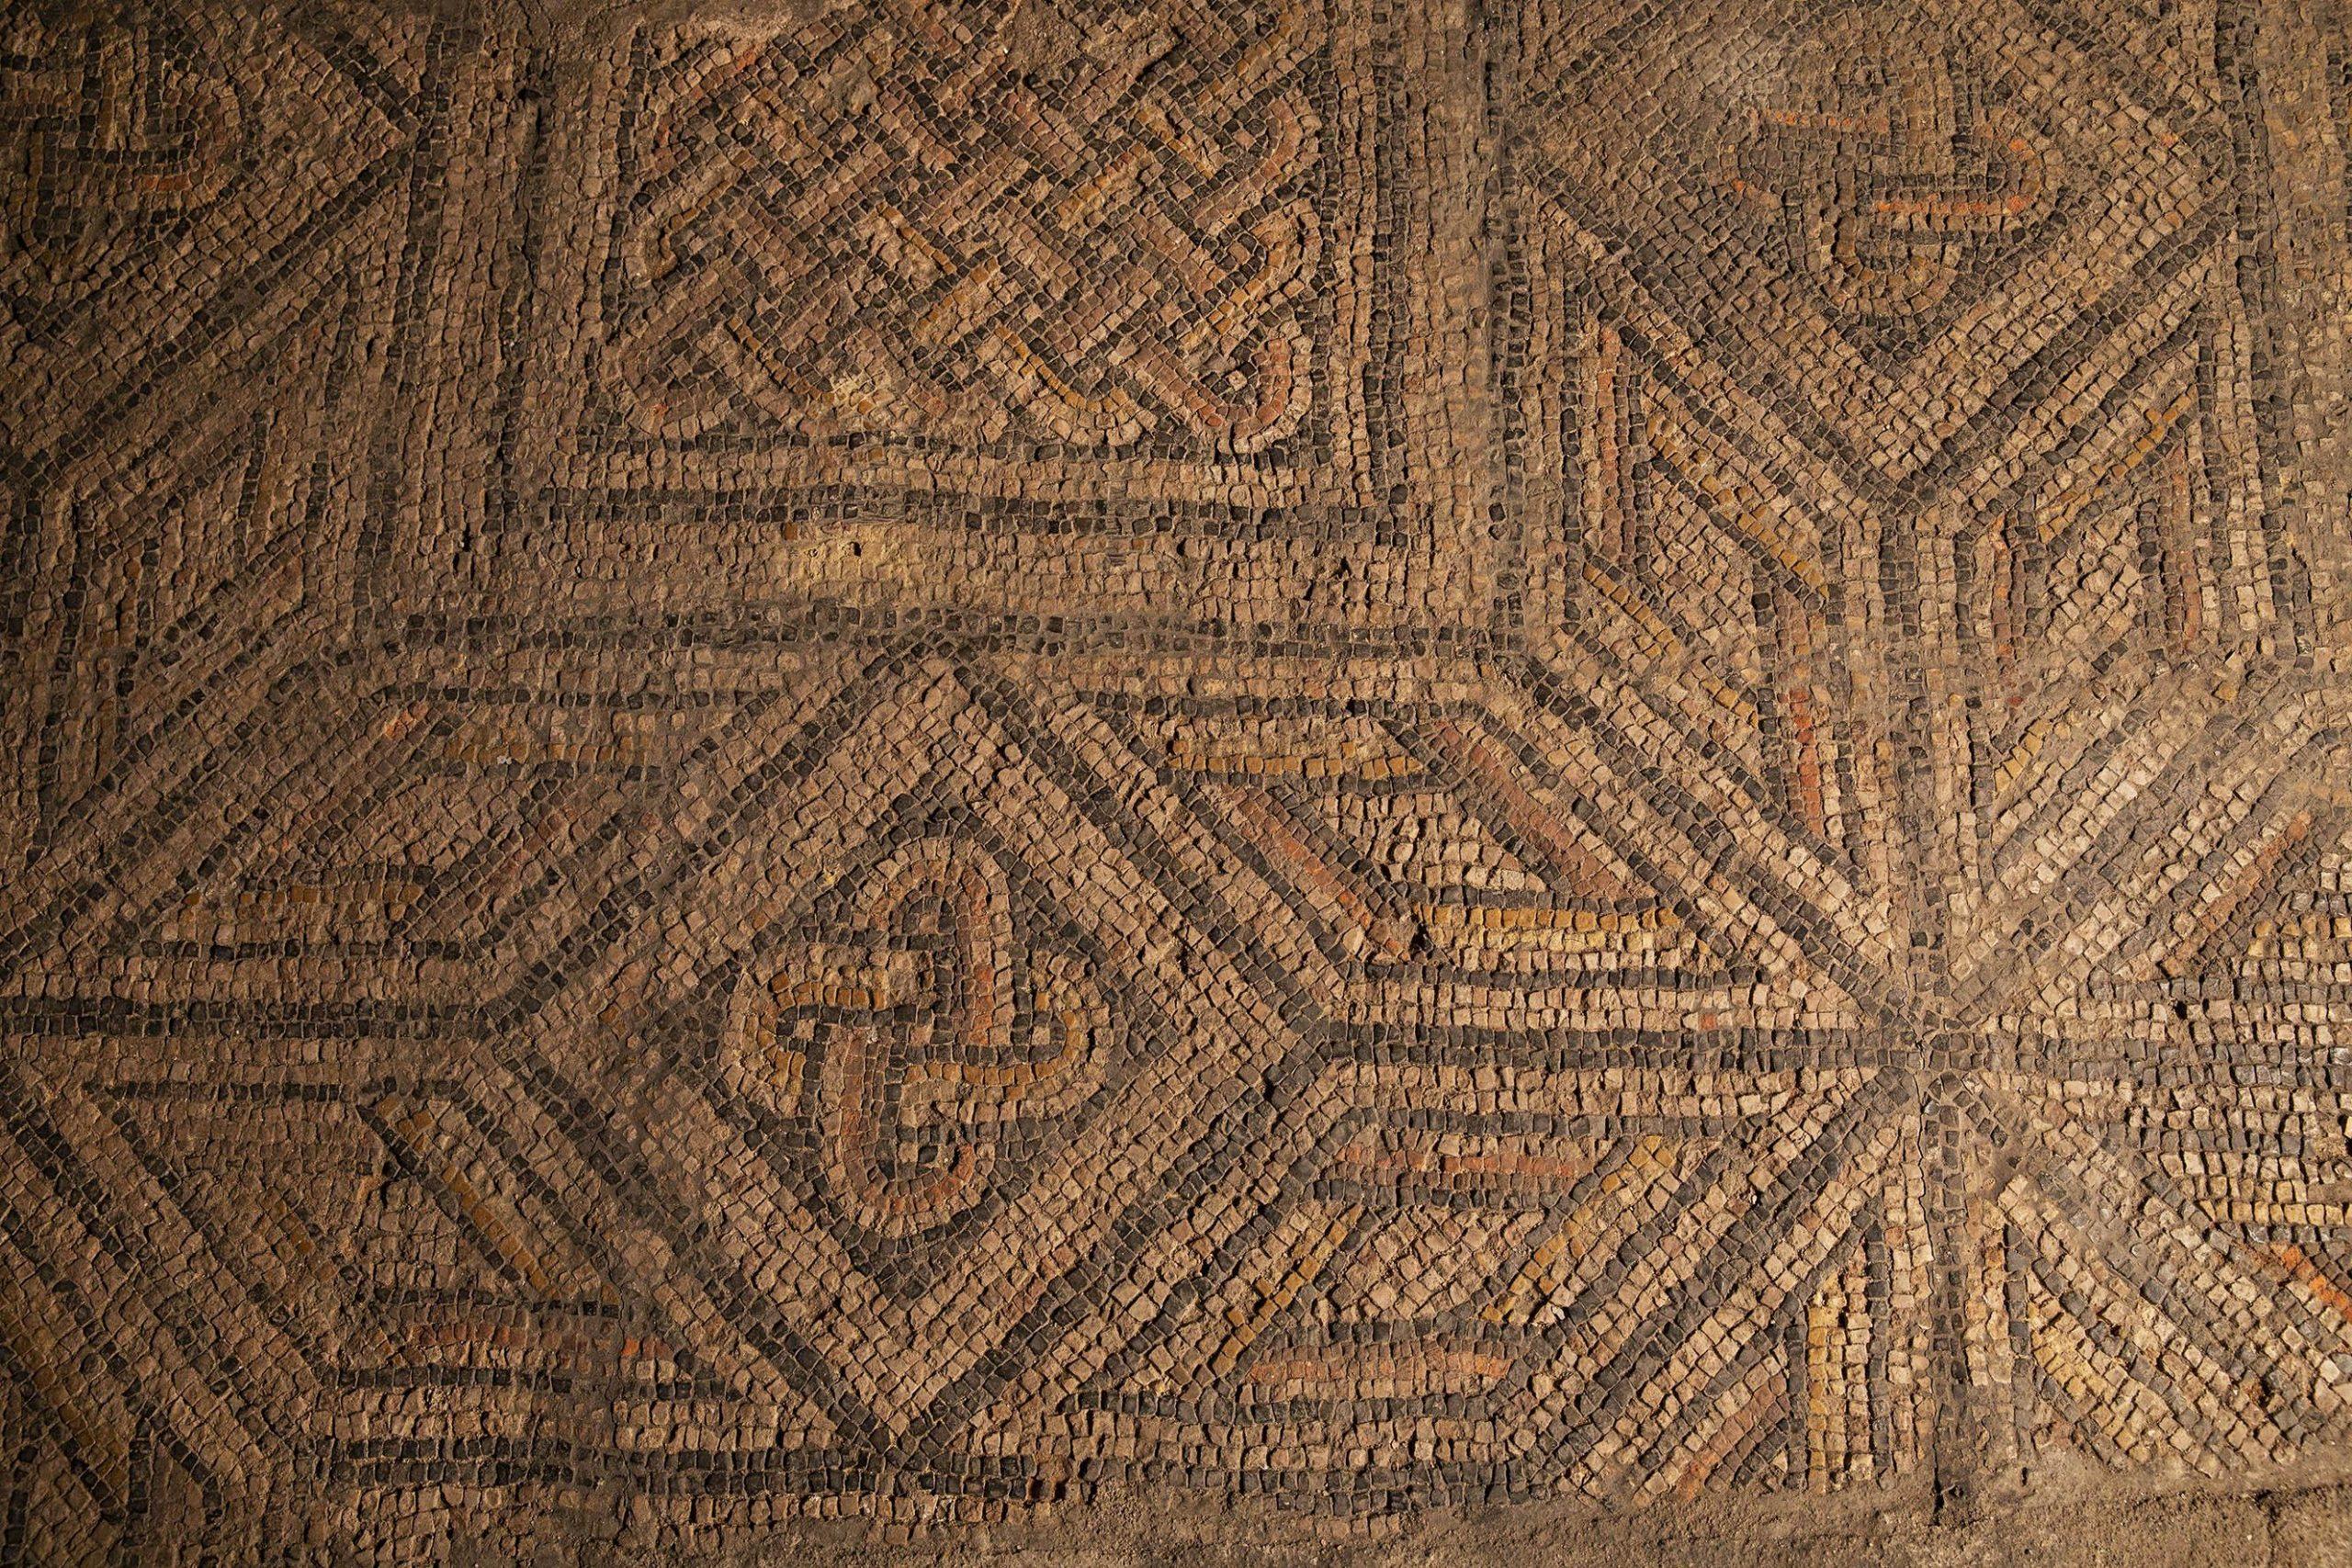 Un paviment de mosaic és la resta més destacada de la vil·la romana d'Antoni Maura / Jordi Play